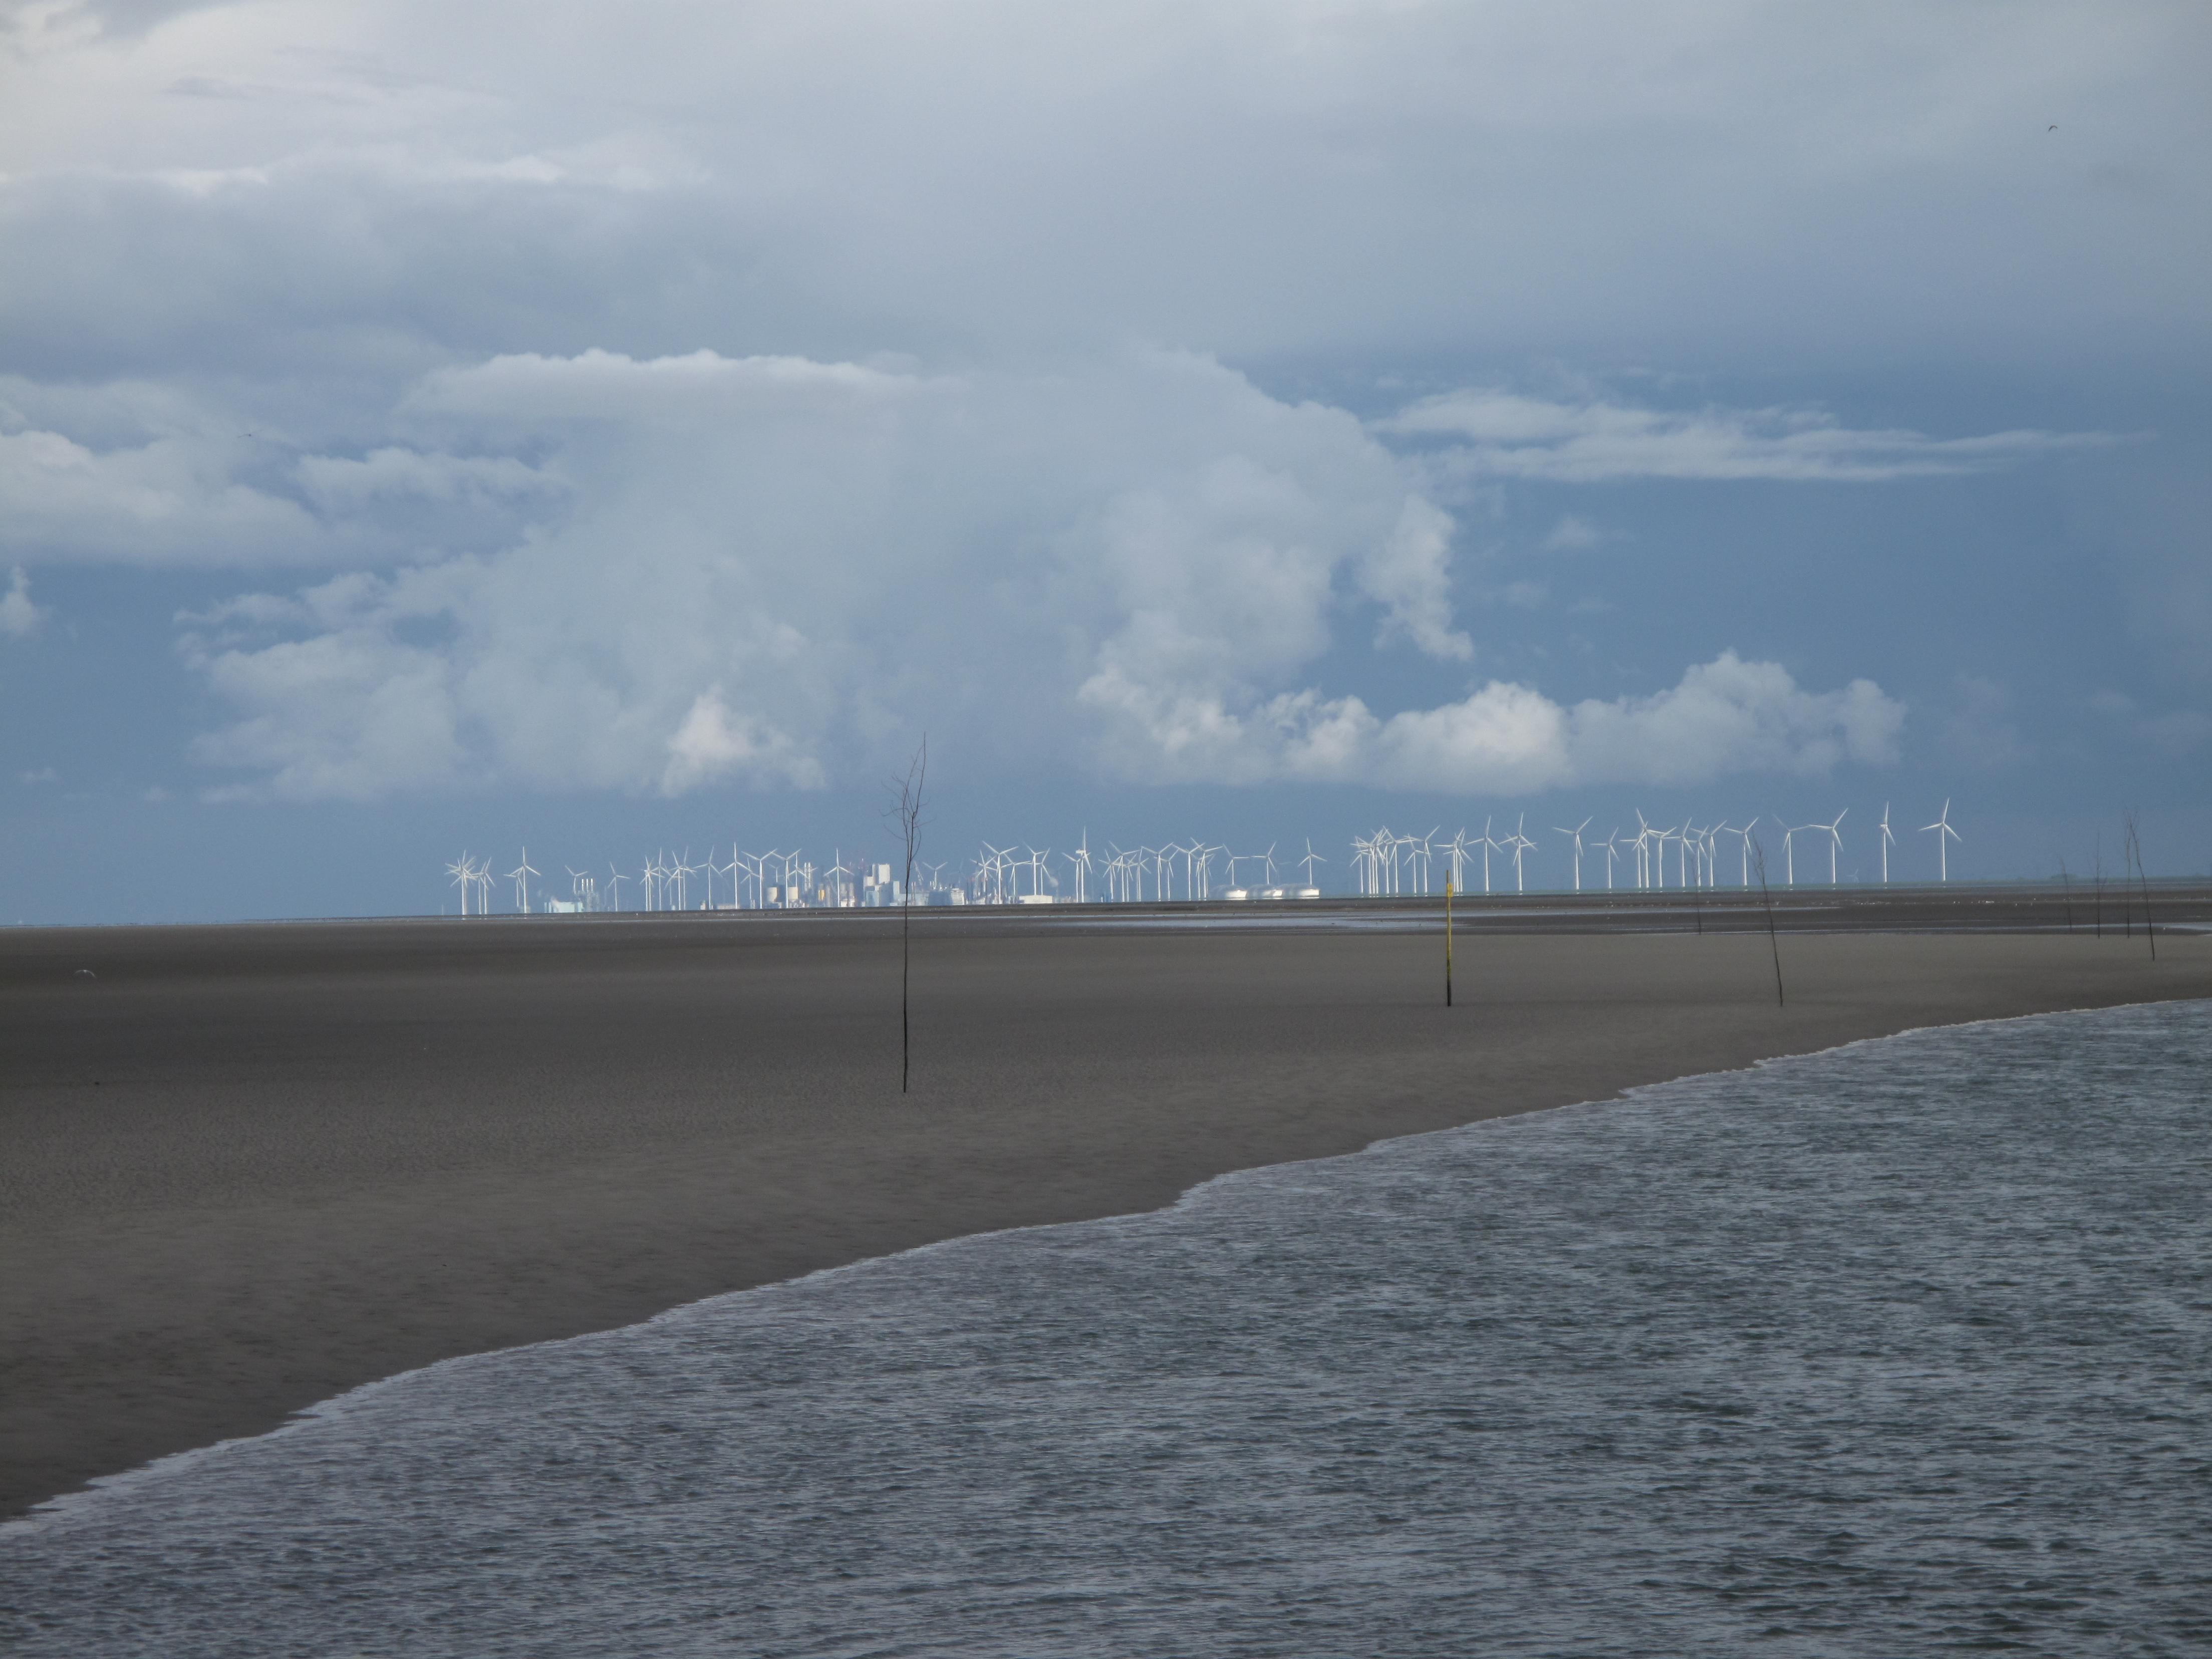 Windmolens van de Eemshaven. Foto: Michiel Firet